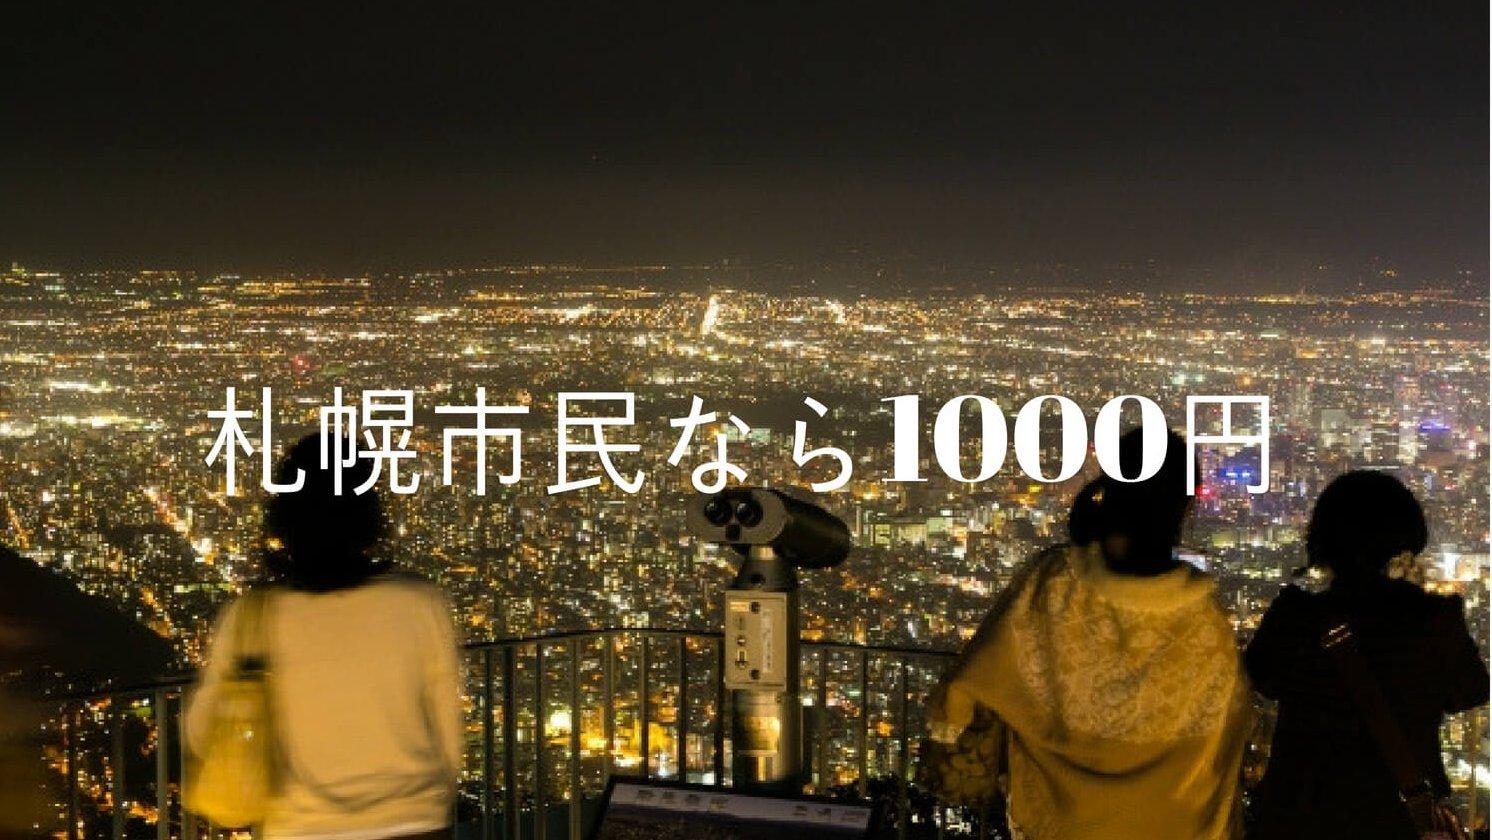 札幌市民なら1000円で藻岩山の山頂まで行けるの?今さらながら札幌の夜景を見てきた。